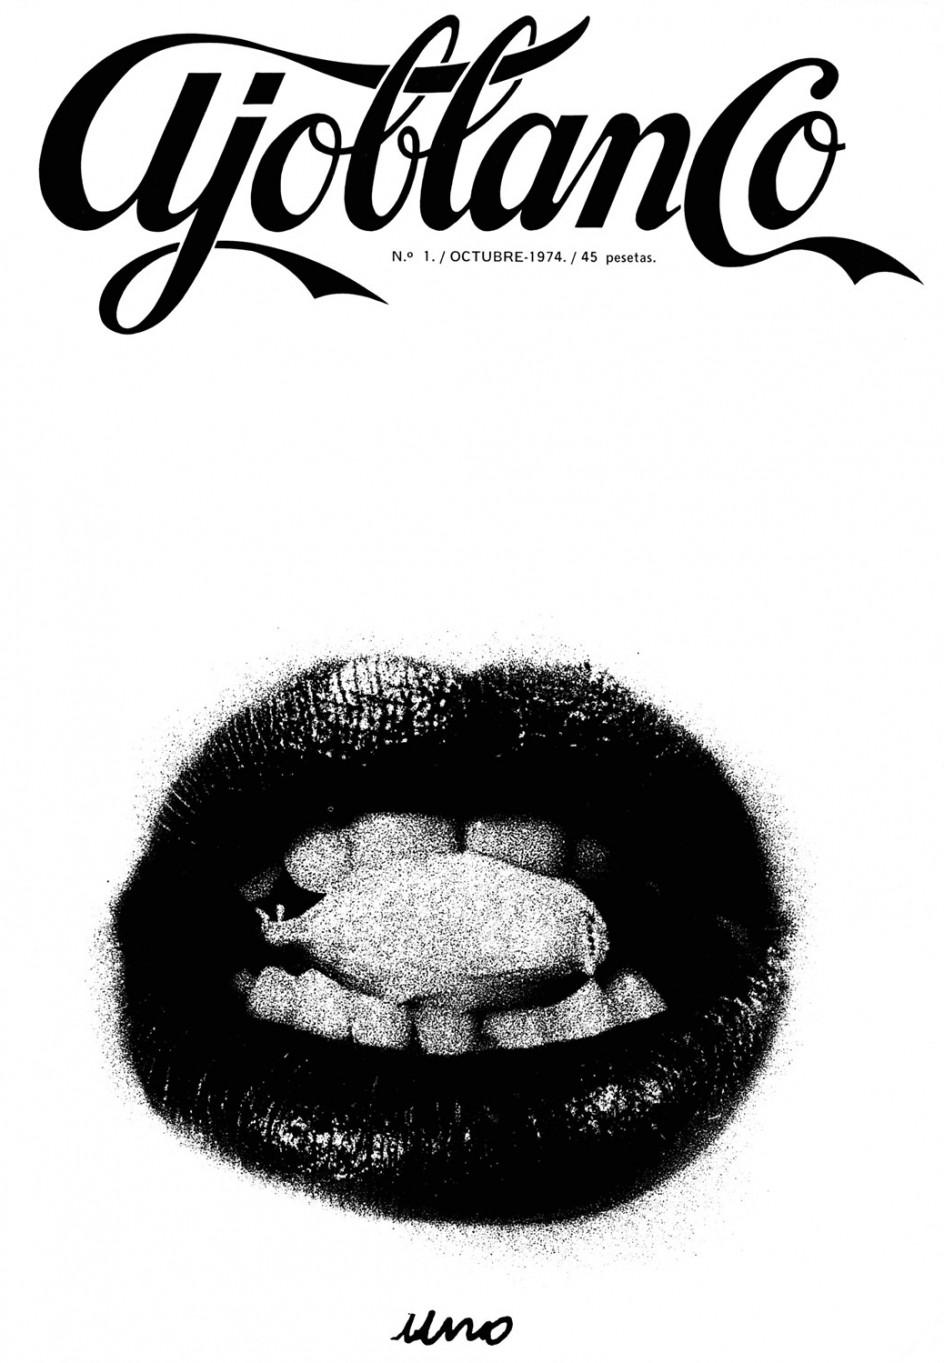 historia de la primera revista: